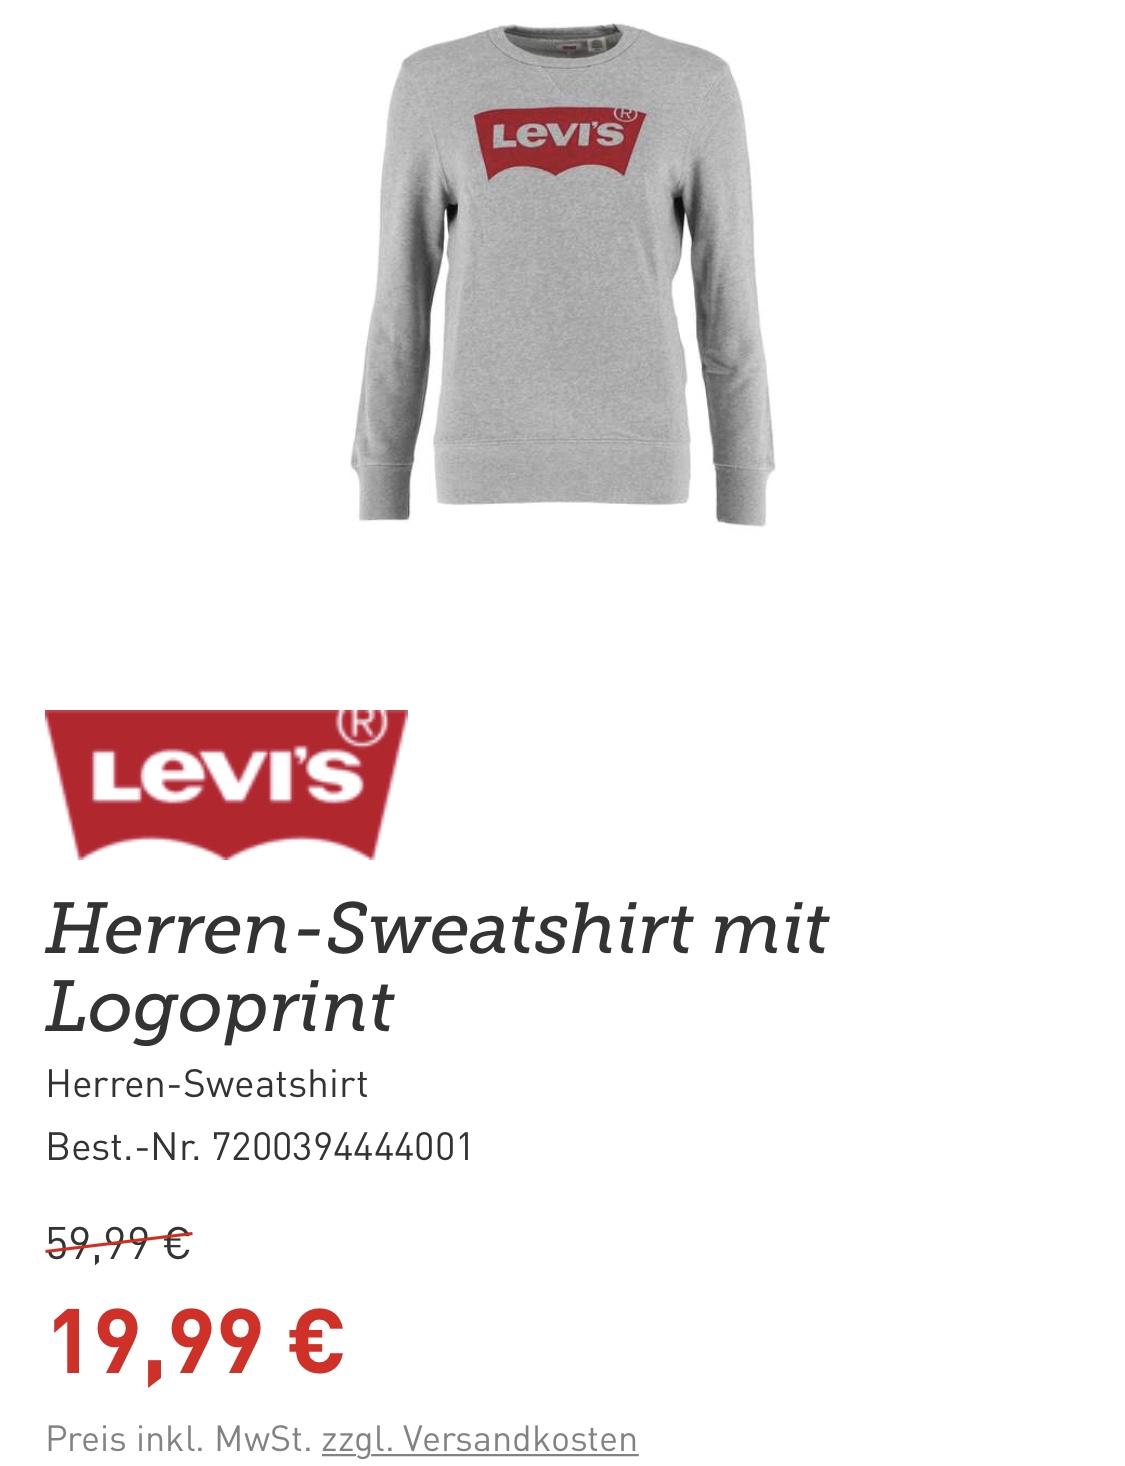 (XXL) LEVIS Sweatshirt für 18€ (inkl. Versand) bei dodenhof